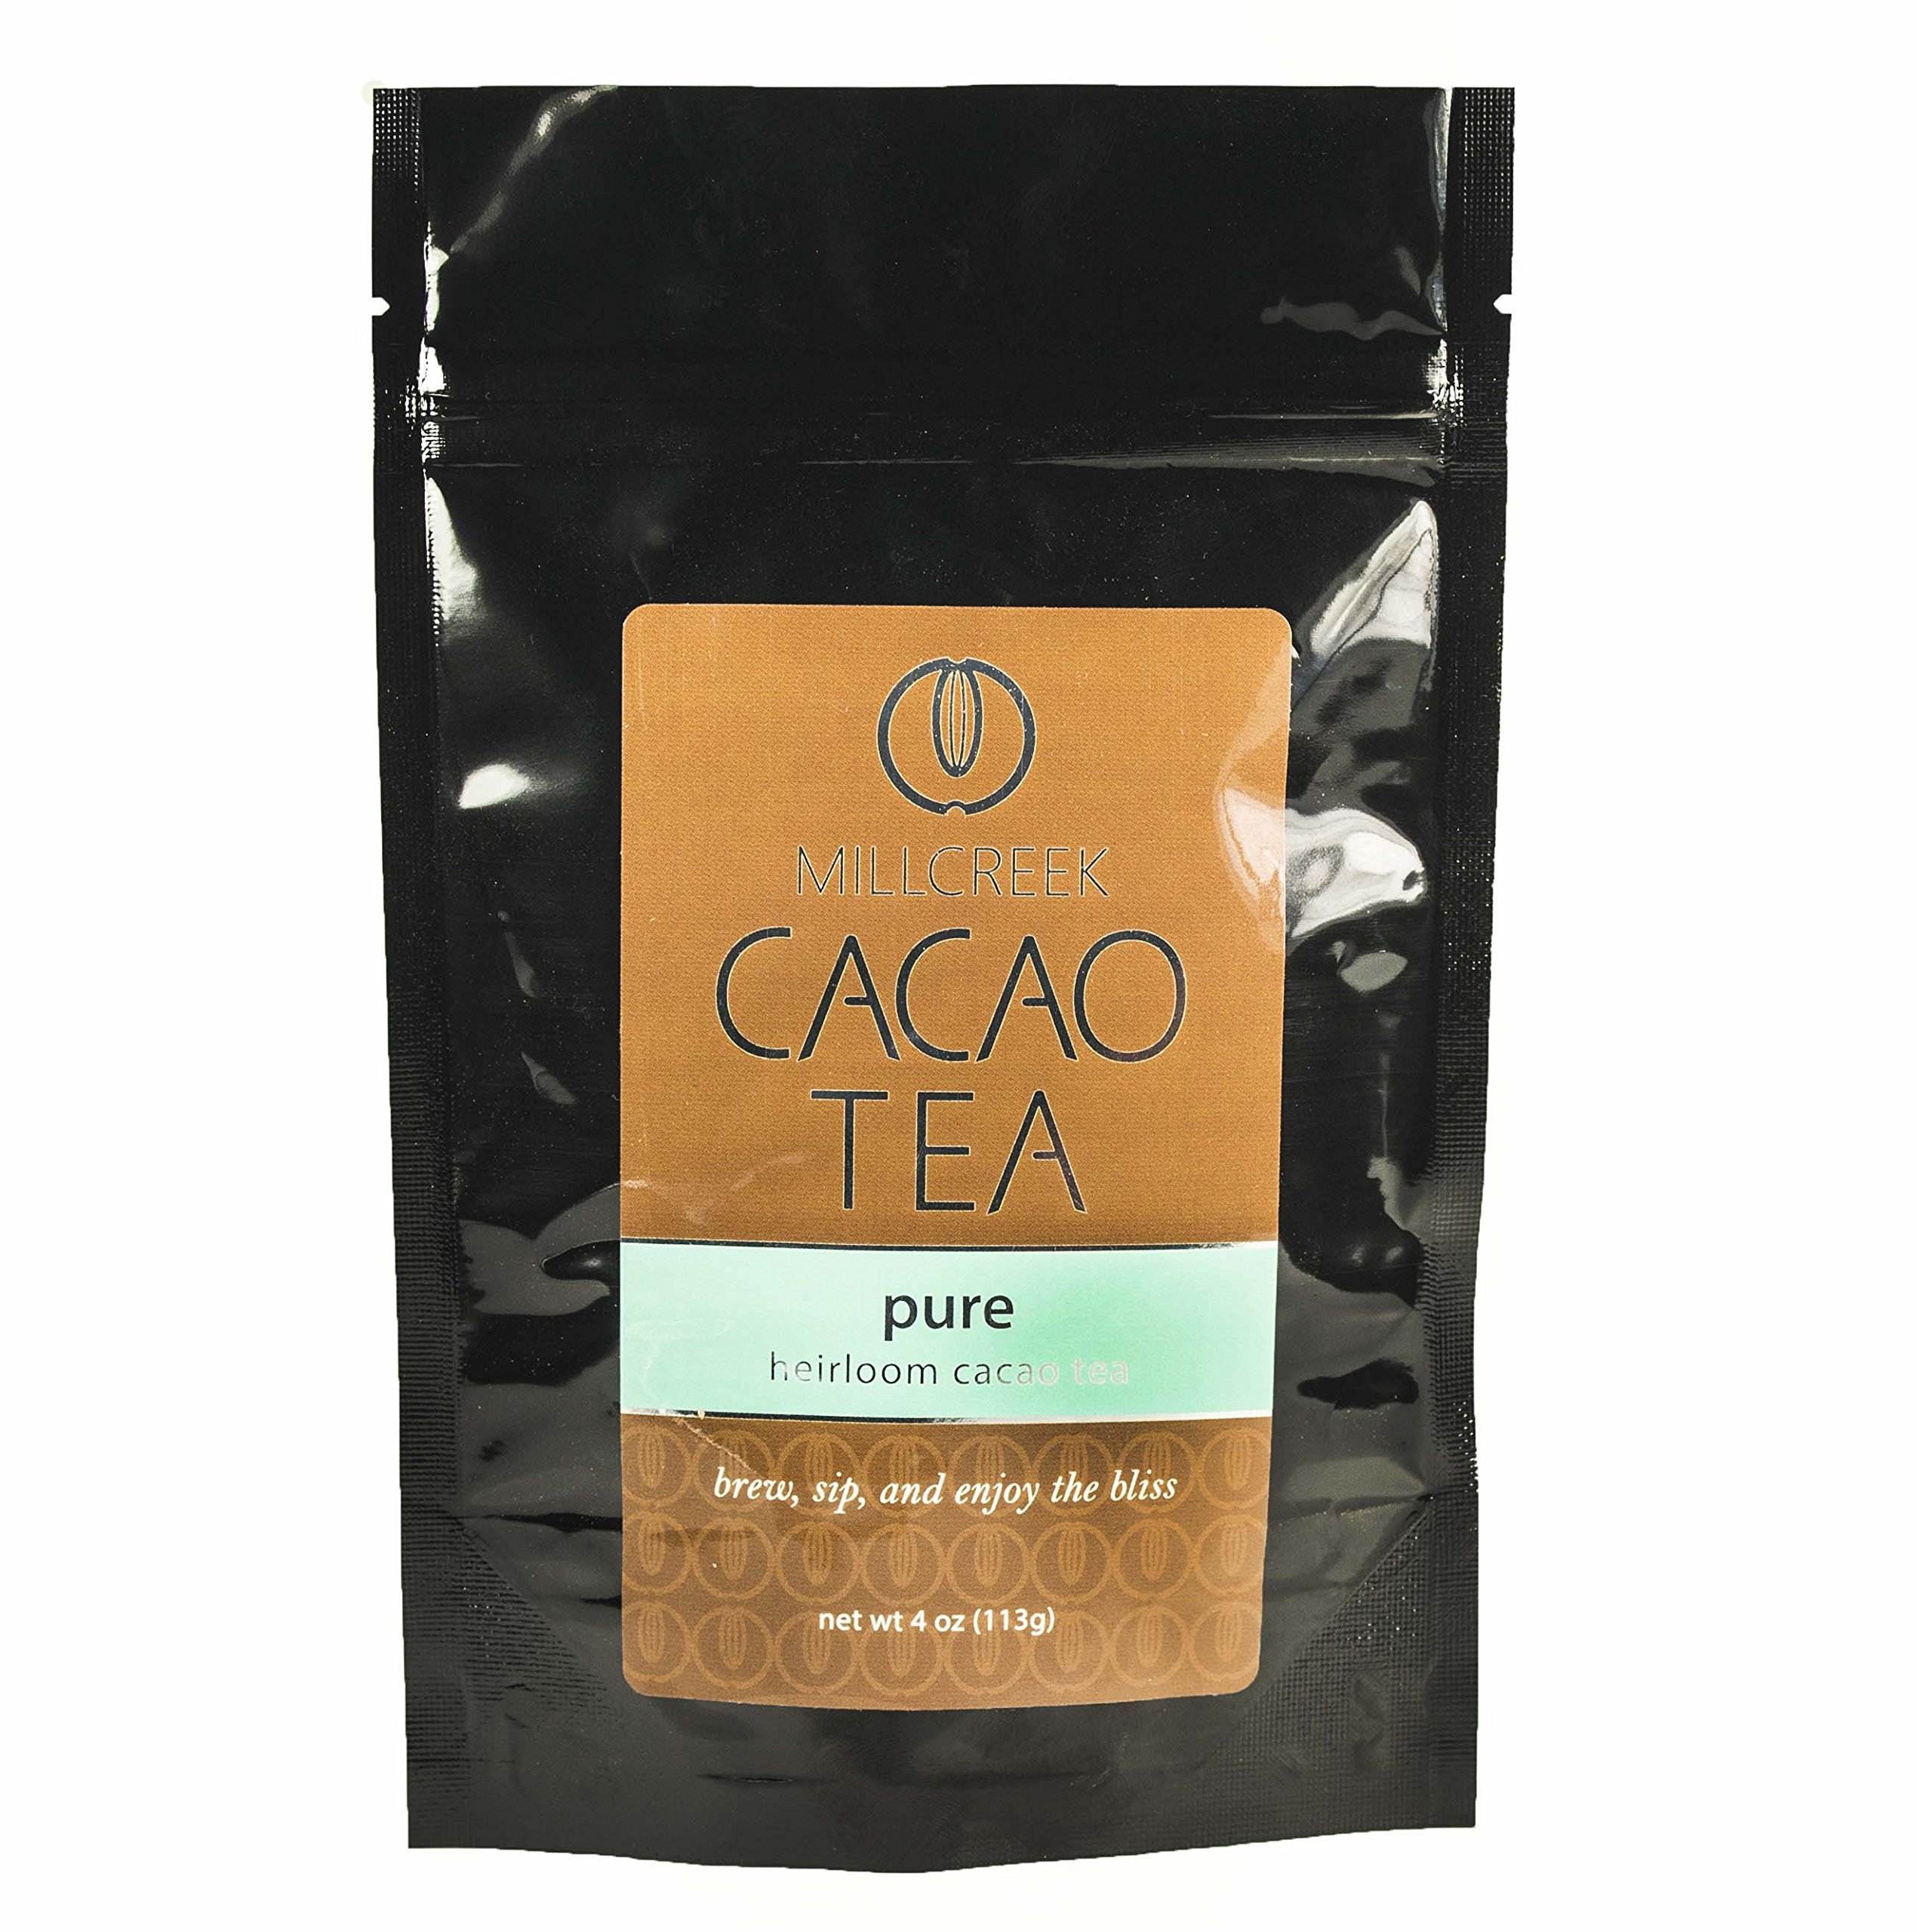 Millcreek Cacao Pure Heirloom Cacao Tea